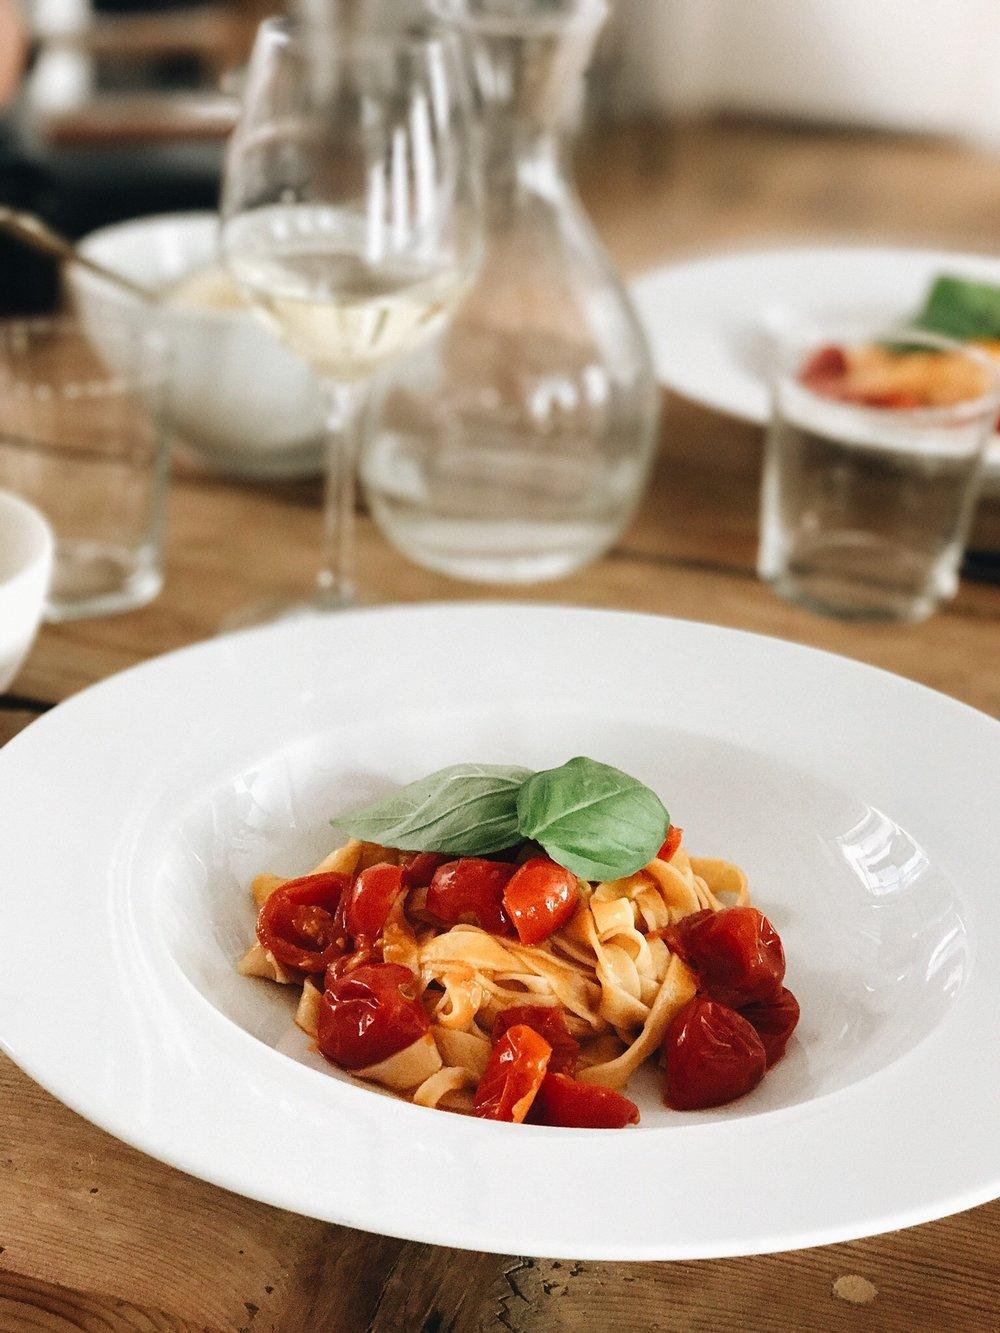 Tagliatelle pasta - pasta making class Rome, italy